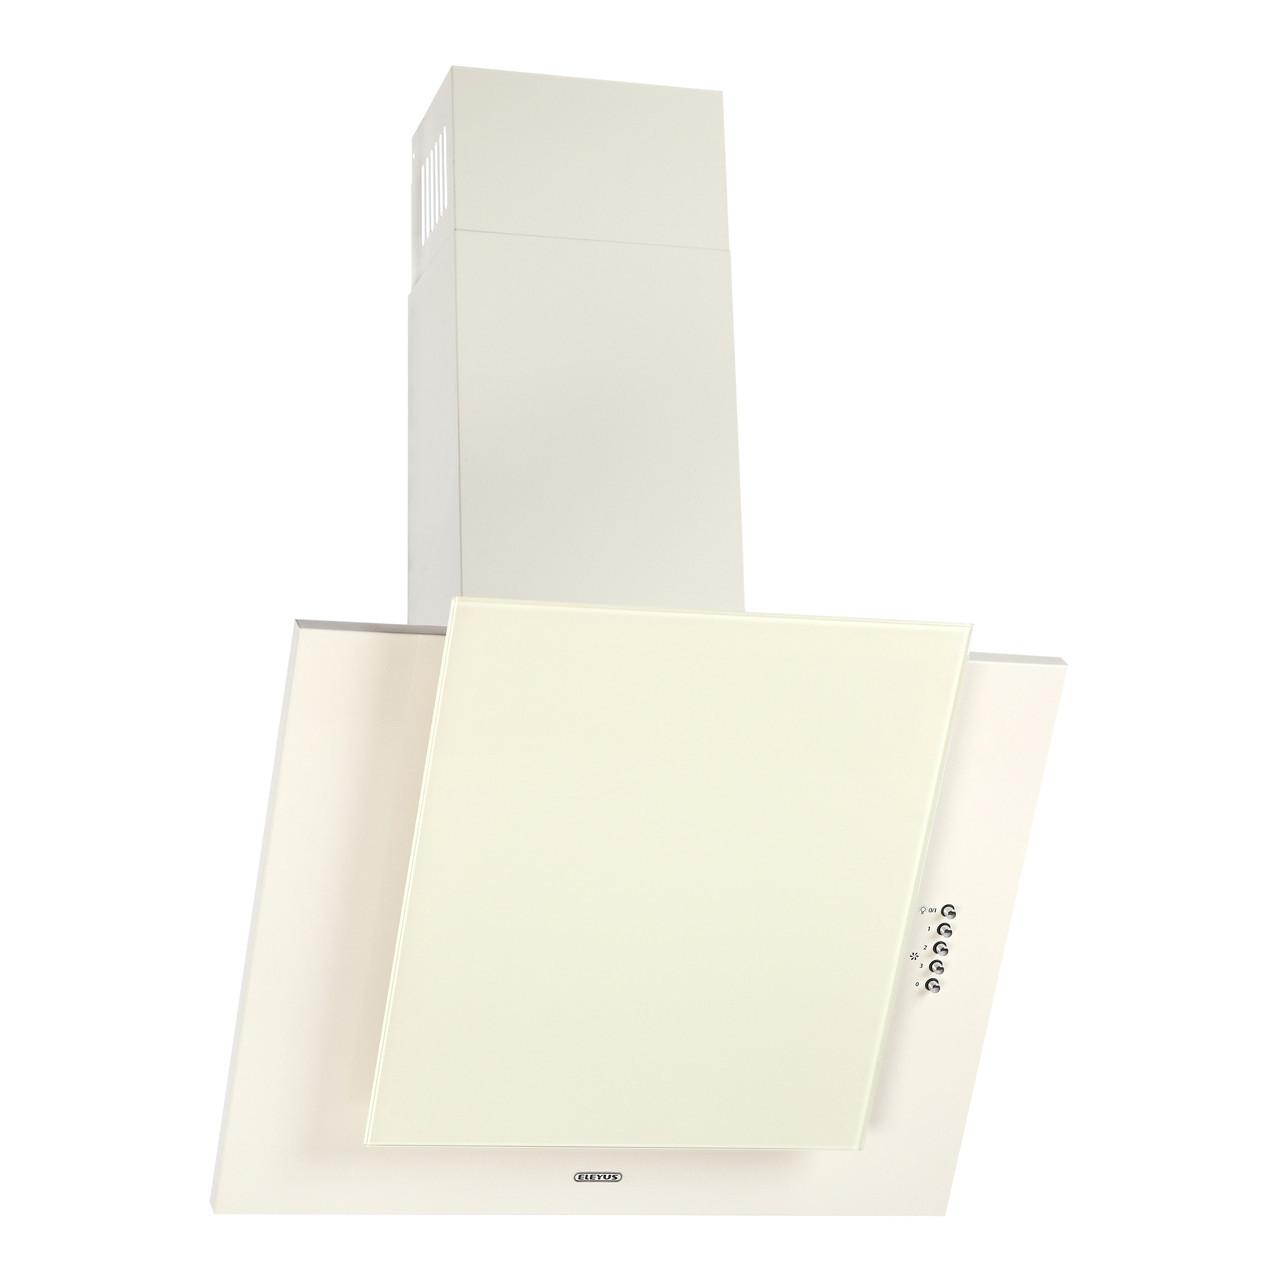 Витяжка кухонна вертикальна ELEYUS Titan A 1200 LED SMD 60 BG + Безкоштовна доставка!